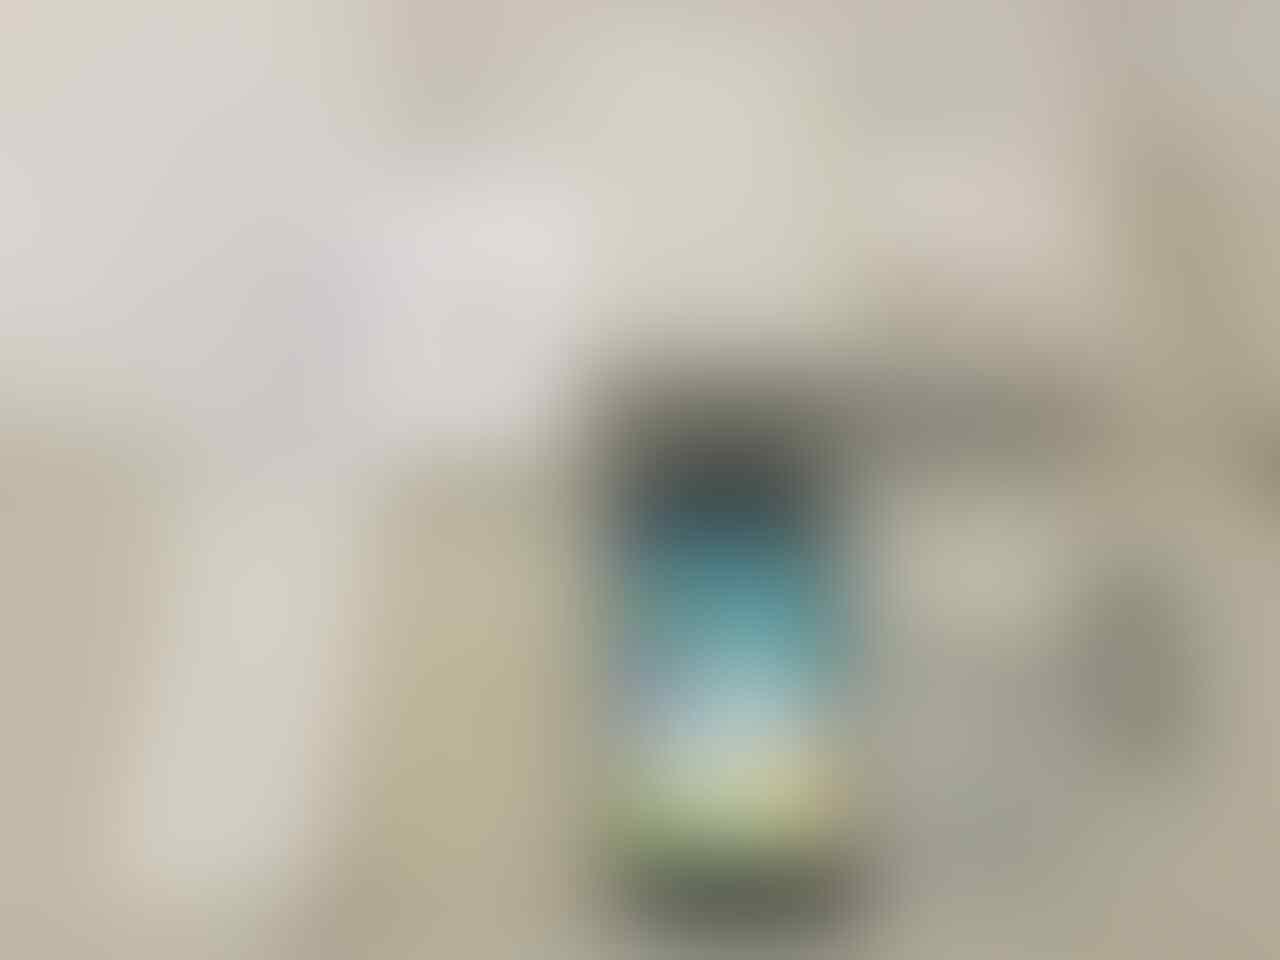 IPHONE 6 GREY 64GB FULLSET NORMAL MURAAAAHH 3350 SAJA [MALANG]